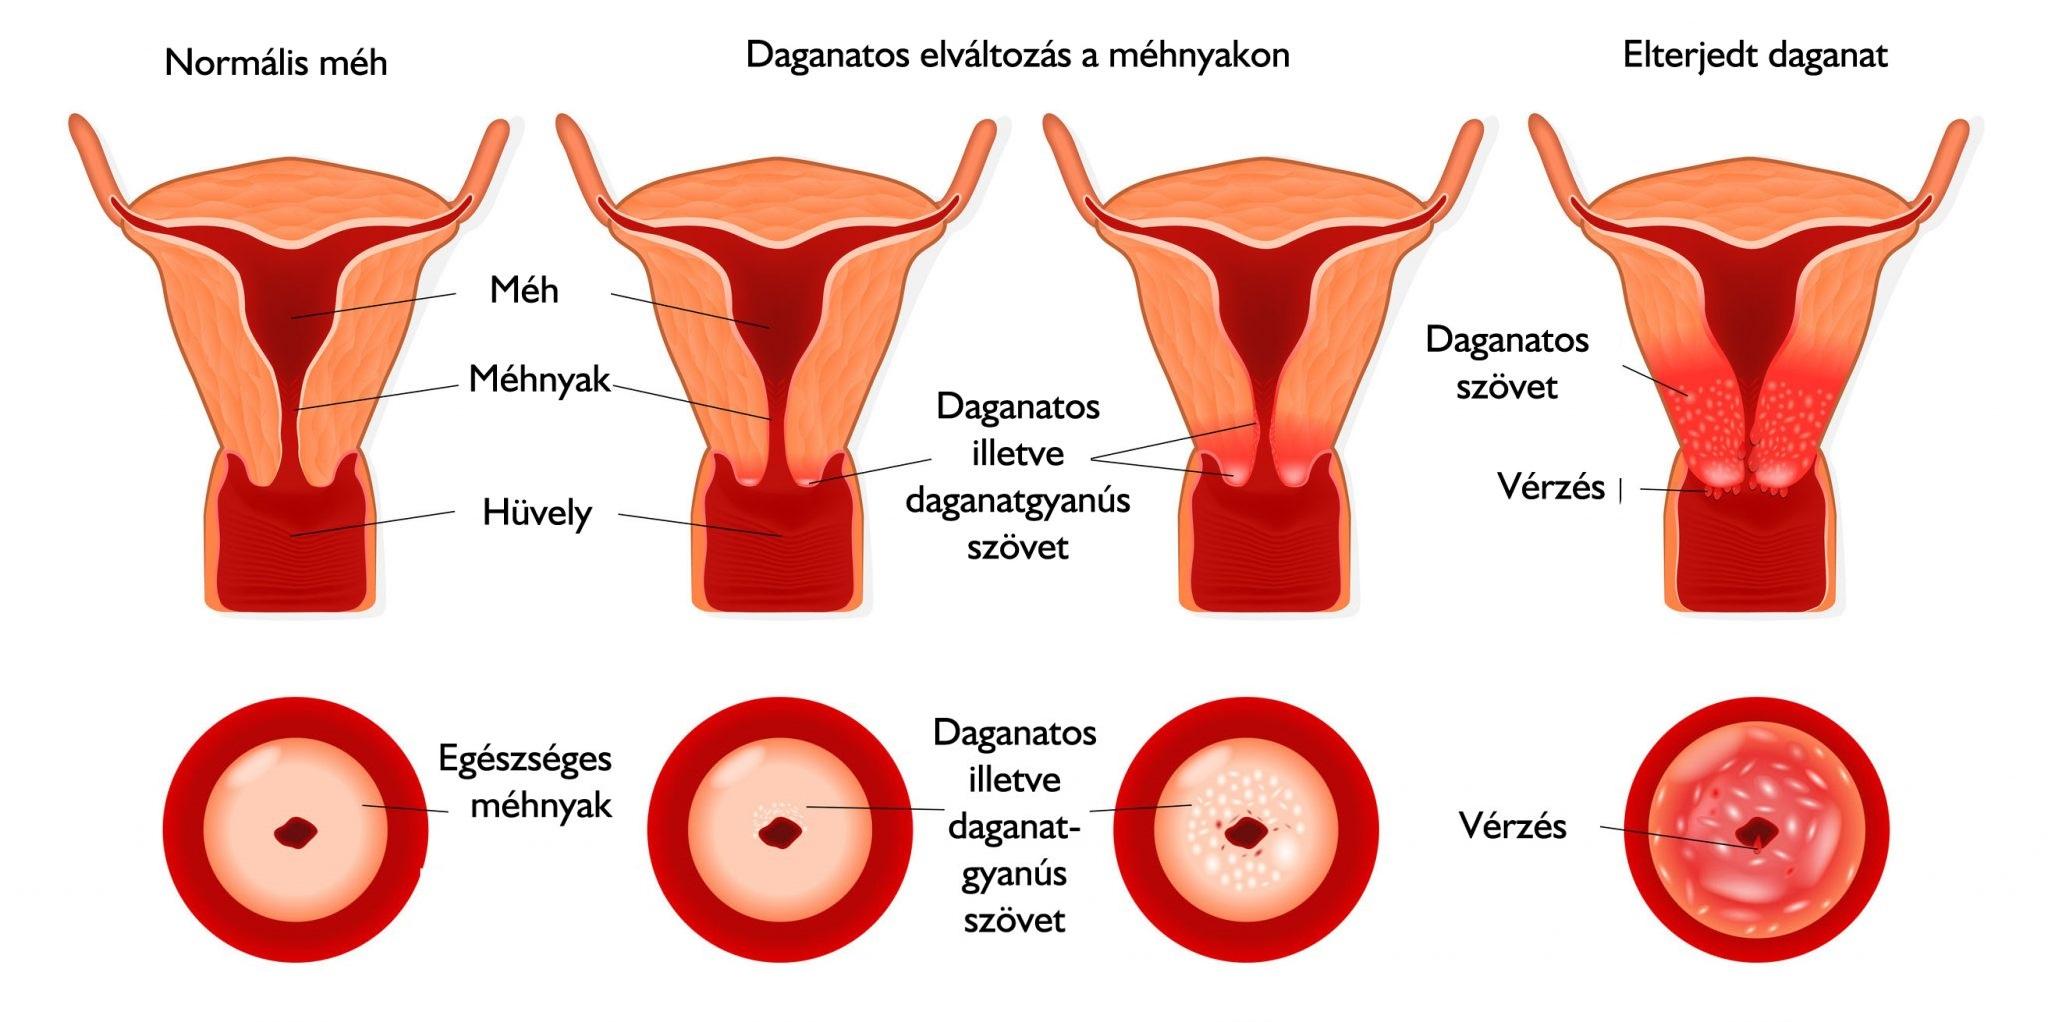 Hogyan válasszunk hormonális fogamzásgátlót?